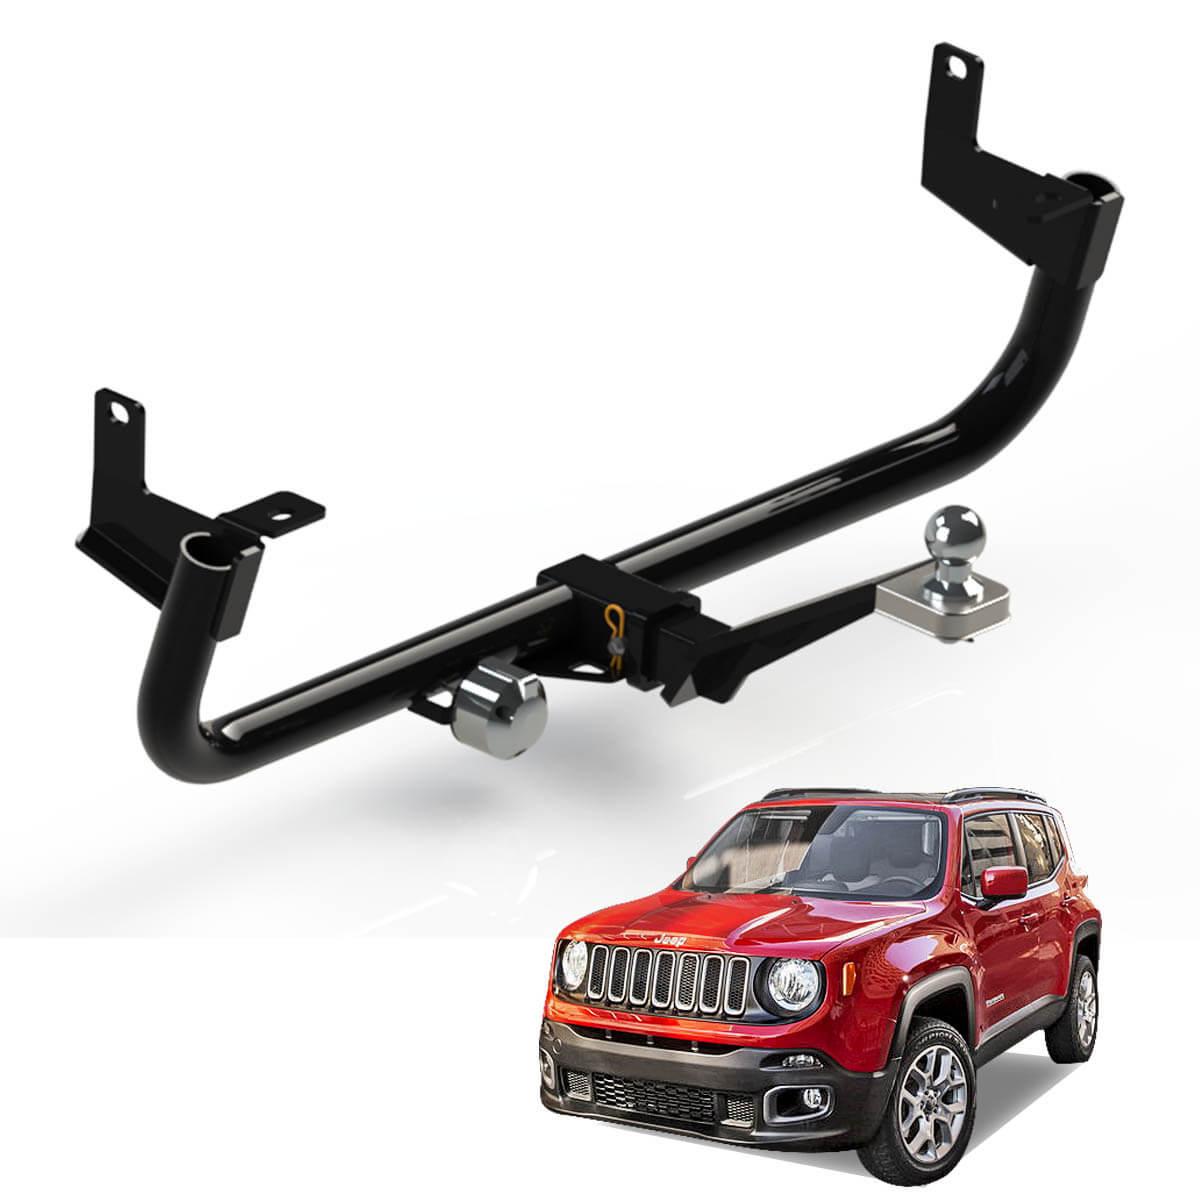 Engate de reboque Jeep Renegade 2016 4x2 ou 4x4 removível 700 kg